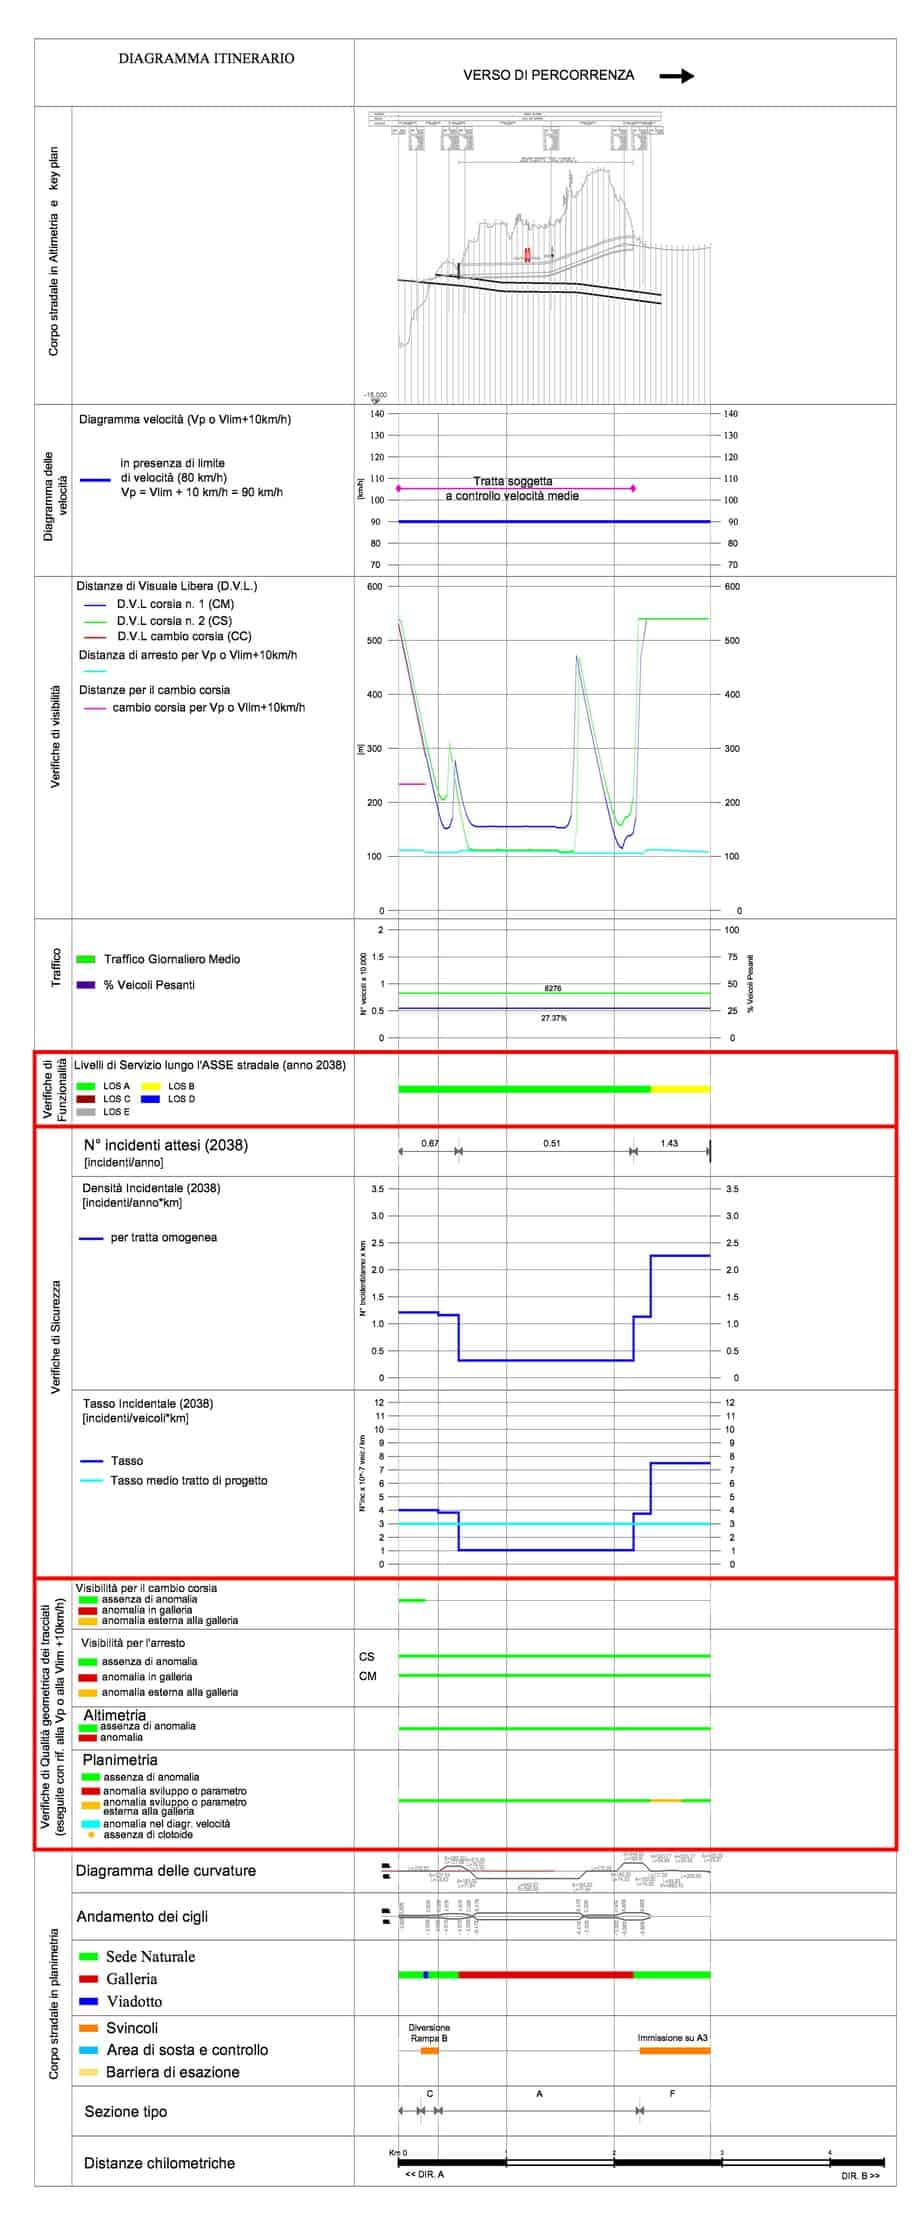 La rappresentazione delle caratteristiche funzionali e di sicurezza di singoli componenti del sistema su diagramma itinerario